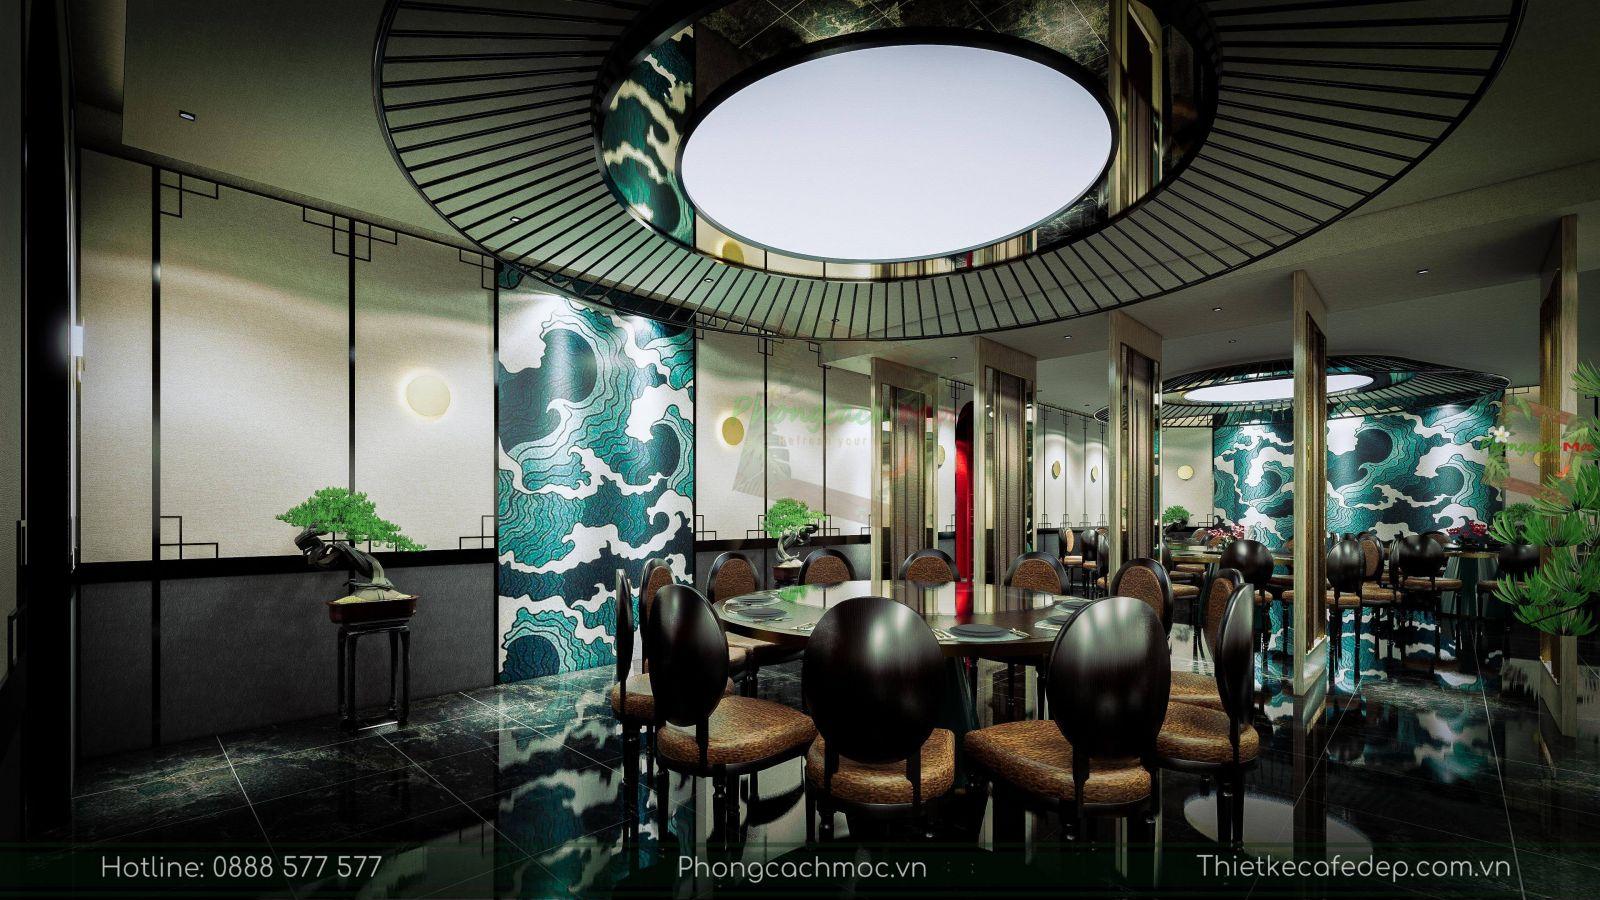 thiết kế nhà hàng trung hoa - nội thất phòng vip 1 - 4